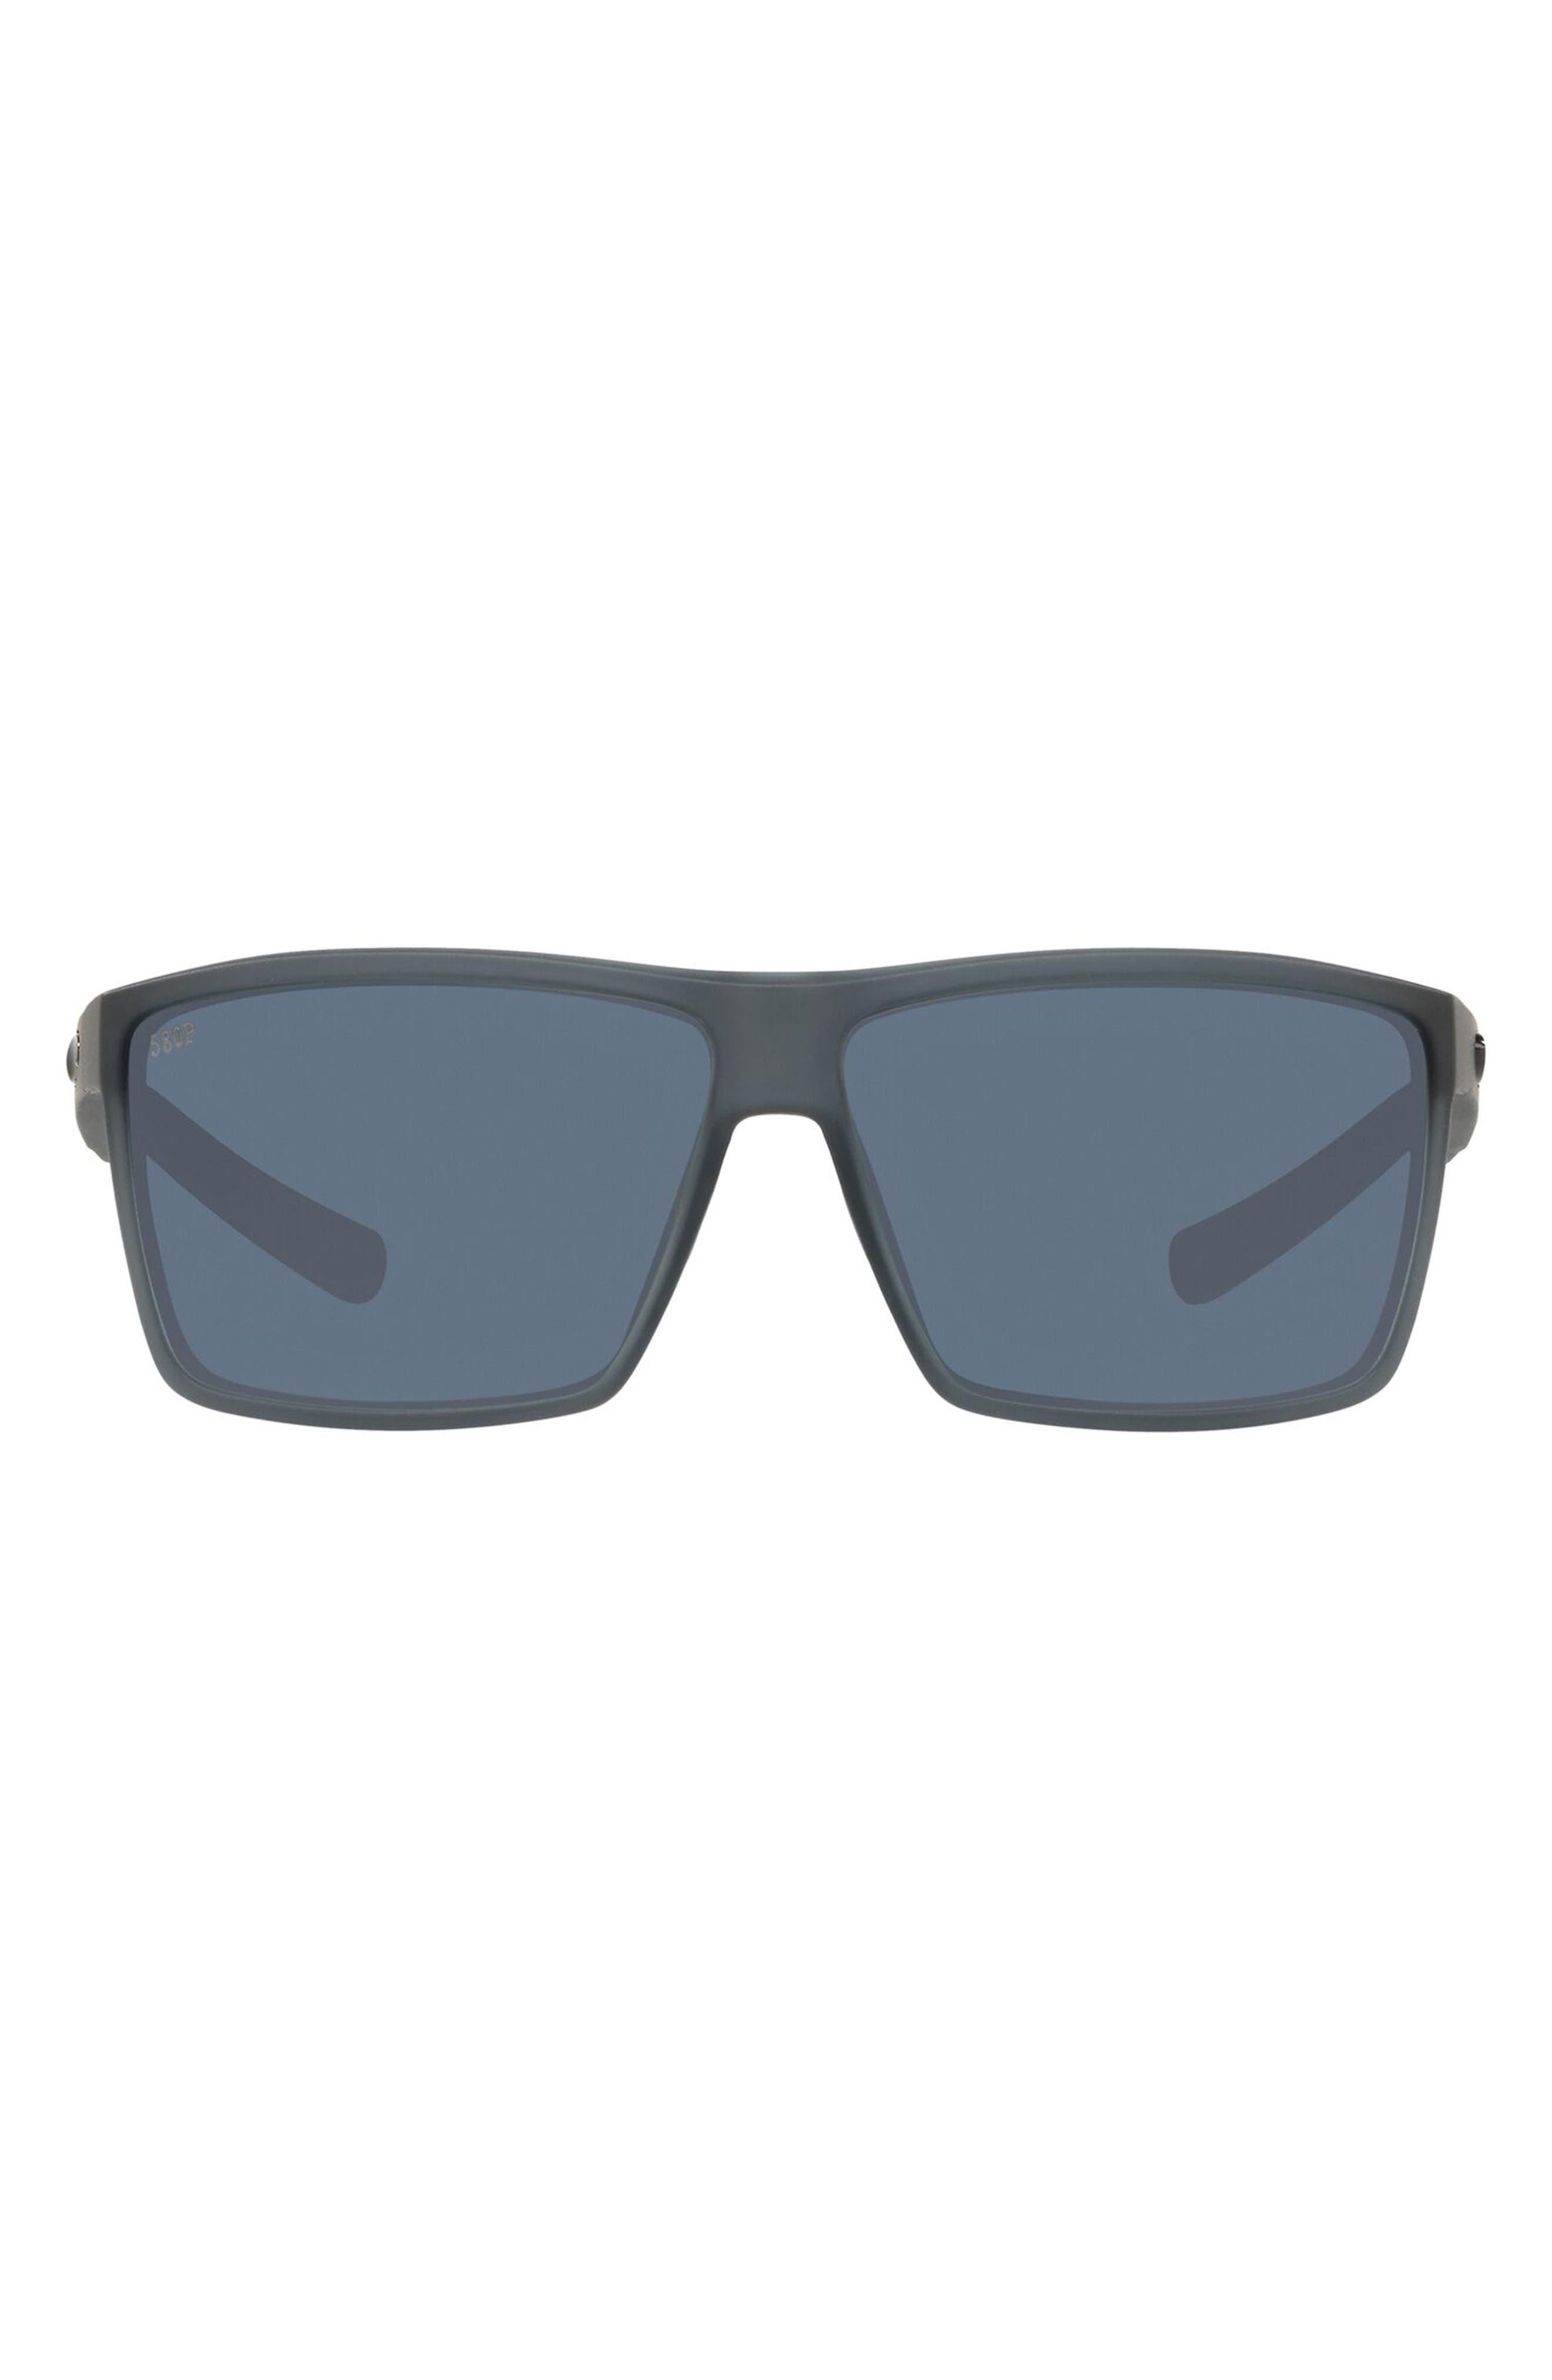 63mm Polarized Oversize Rectangular Sunglasses